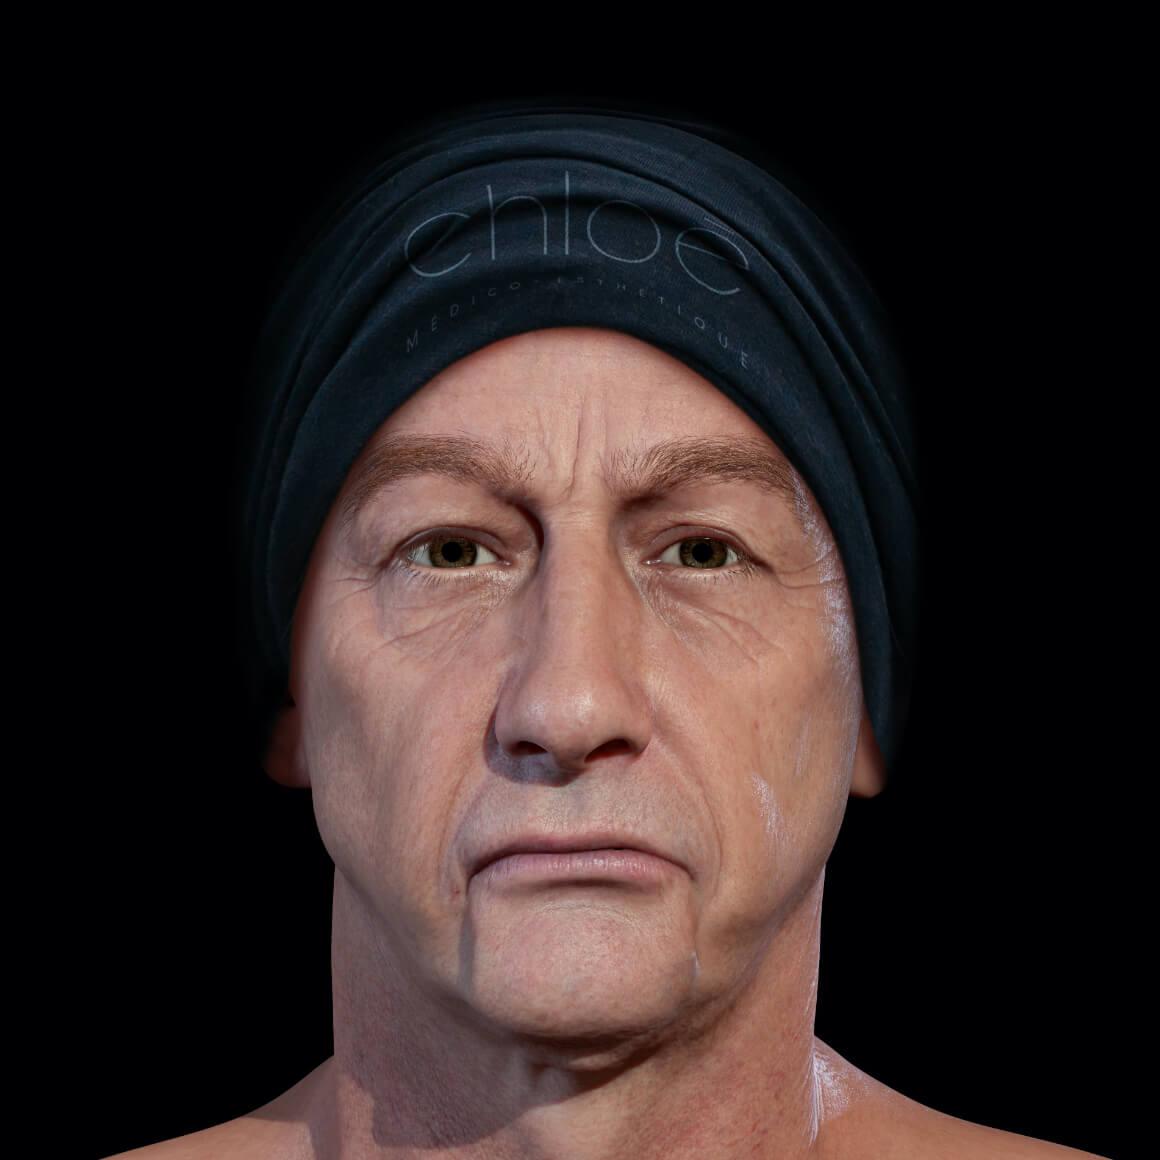 Patient de la Clinique Chloé positionné de face démontrant une perte de tonus du visage